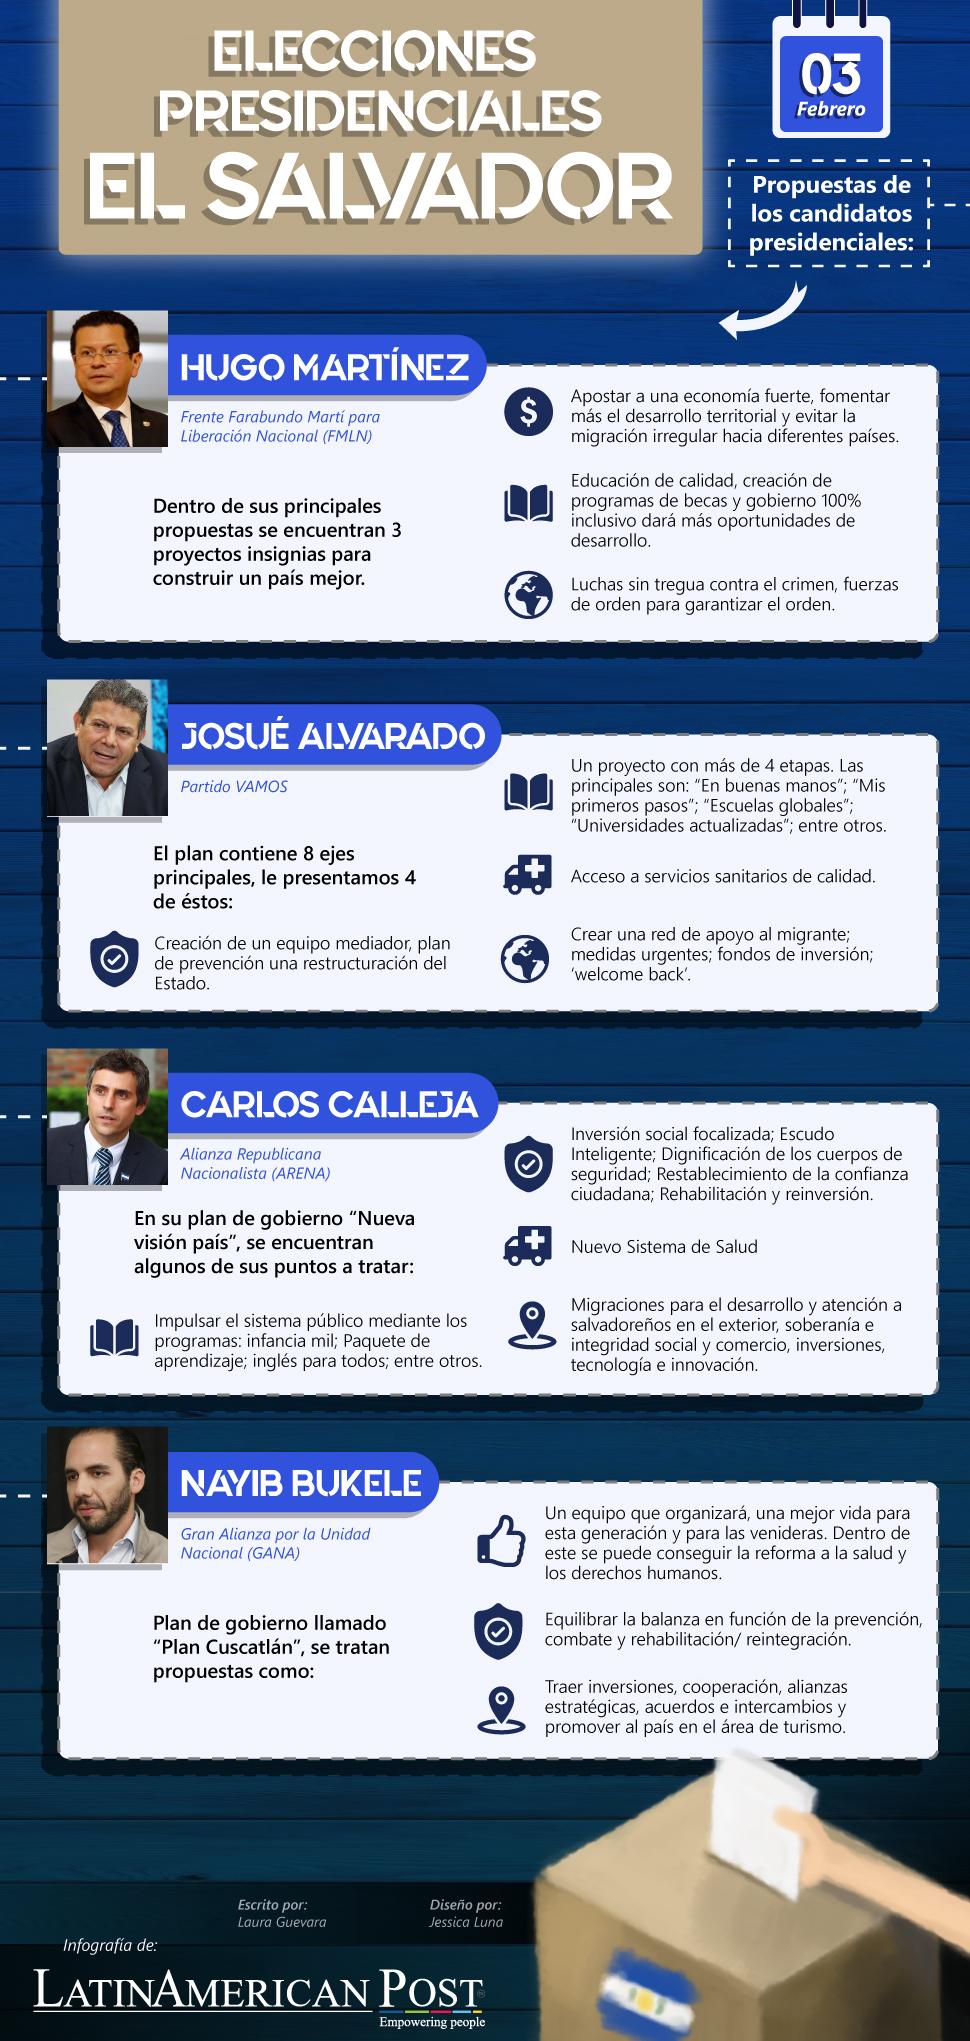 El Salvador: estas son las propuestas de los candidatos